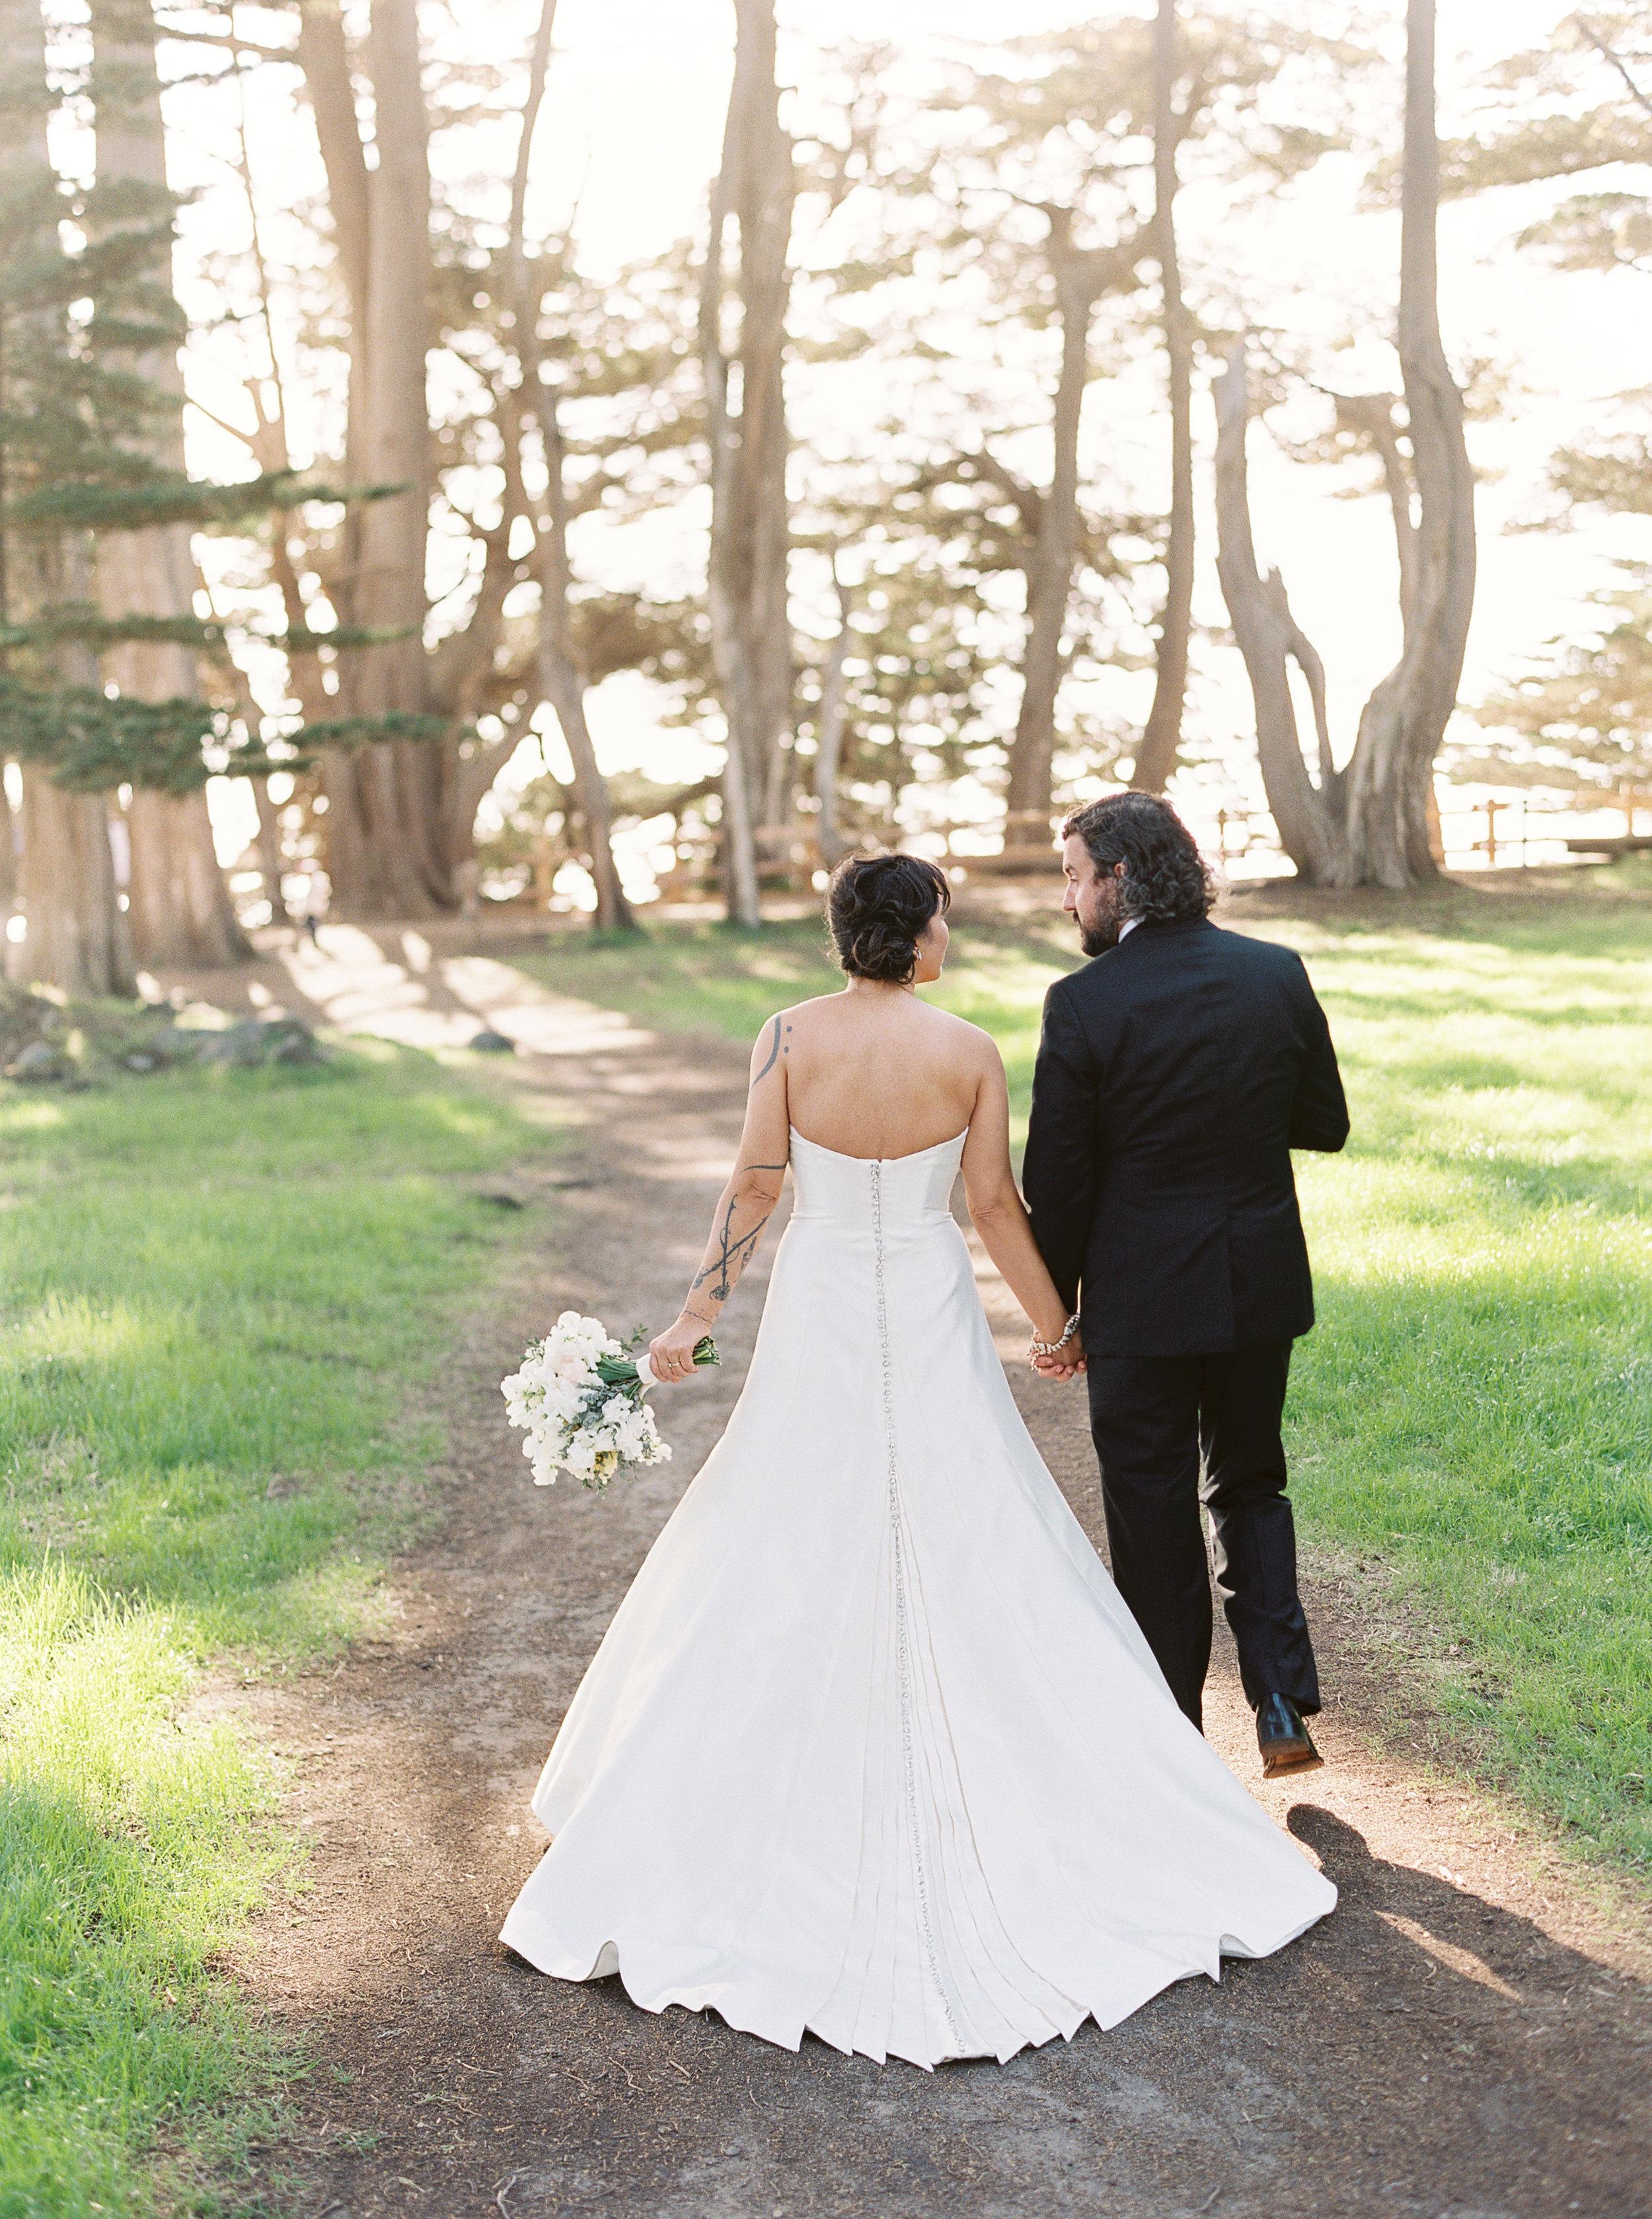 Mavericks-event-center-wedding-in-half-moon-bay-california525.jpg